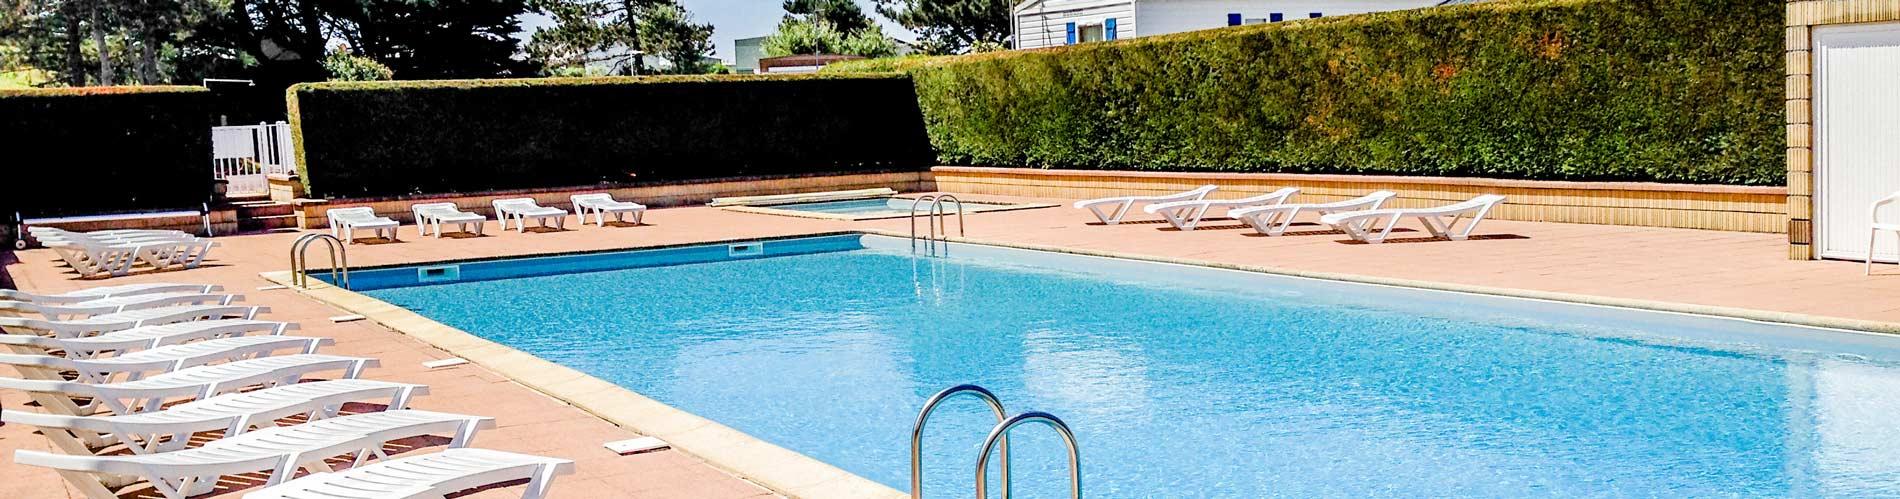 Camping normandie avec piscine camping avec piscine dans for Camping queyras avec piscine